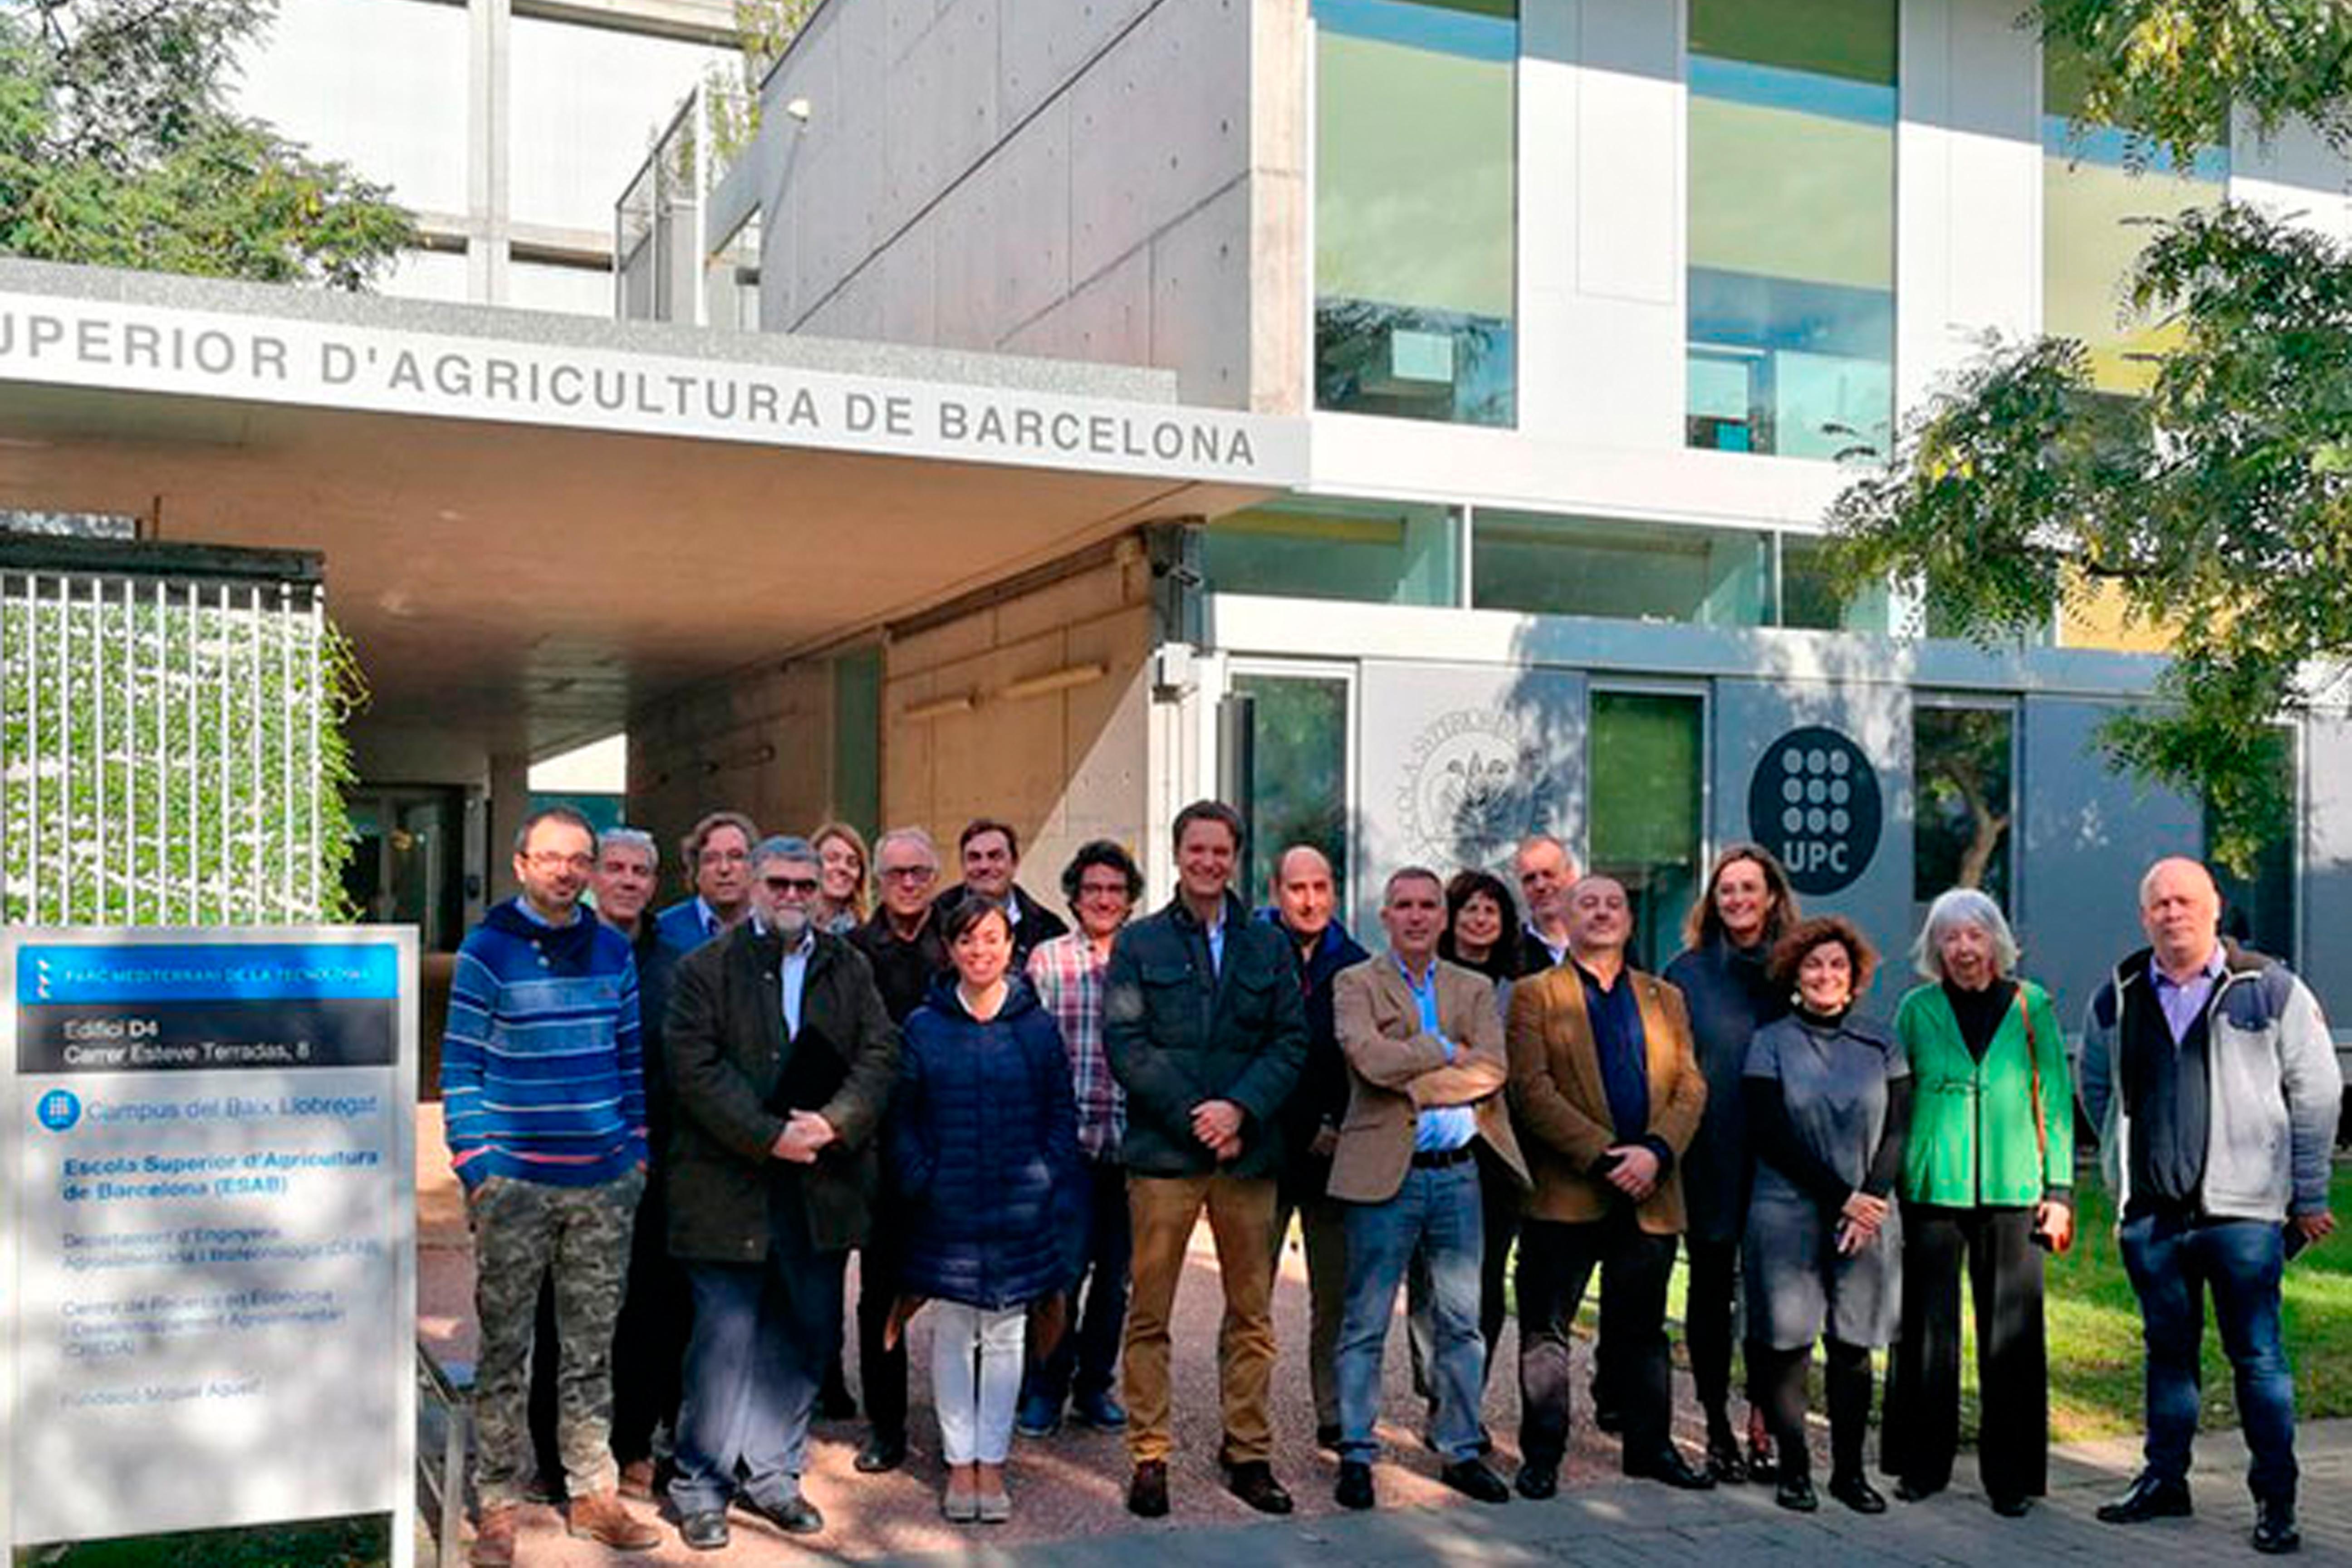 Consell de Direcció a l'Escola Superior d'Agricultura de Barcelona (ESAB)